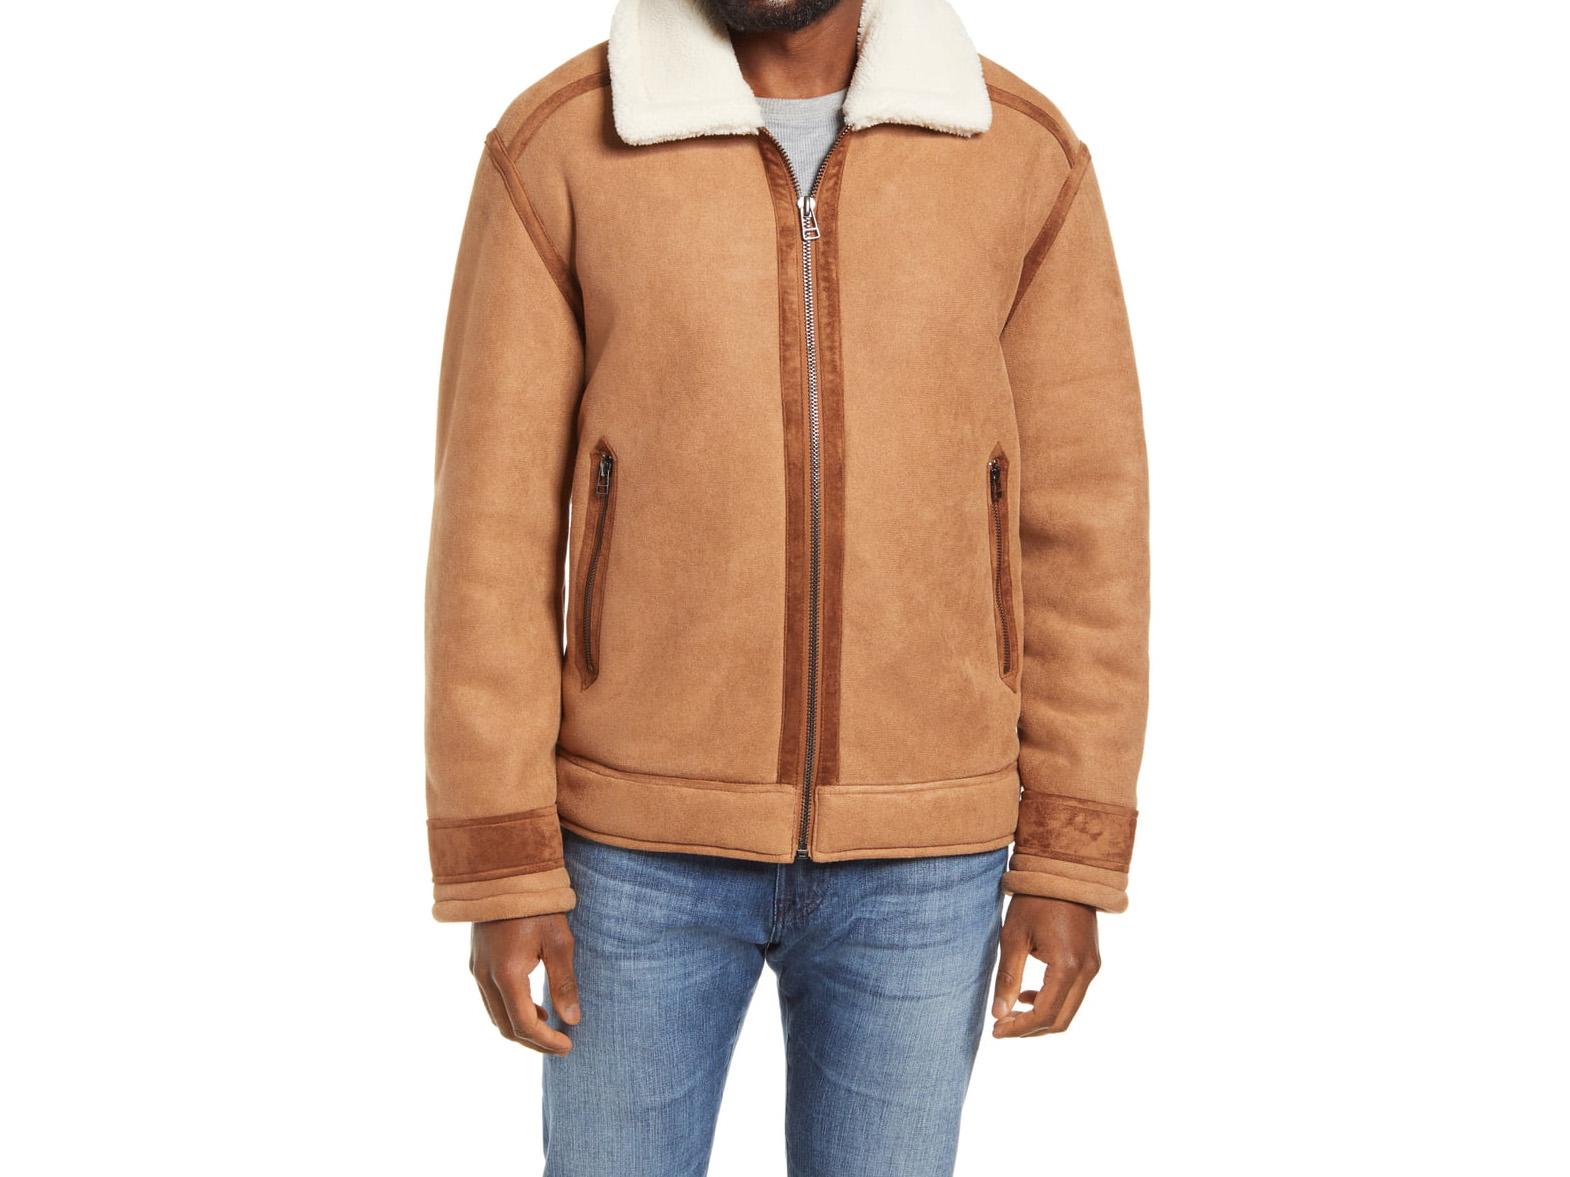 Best Men's Winter Jackets - Blank NYC